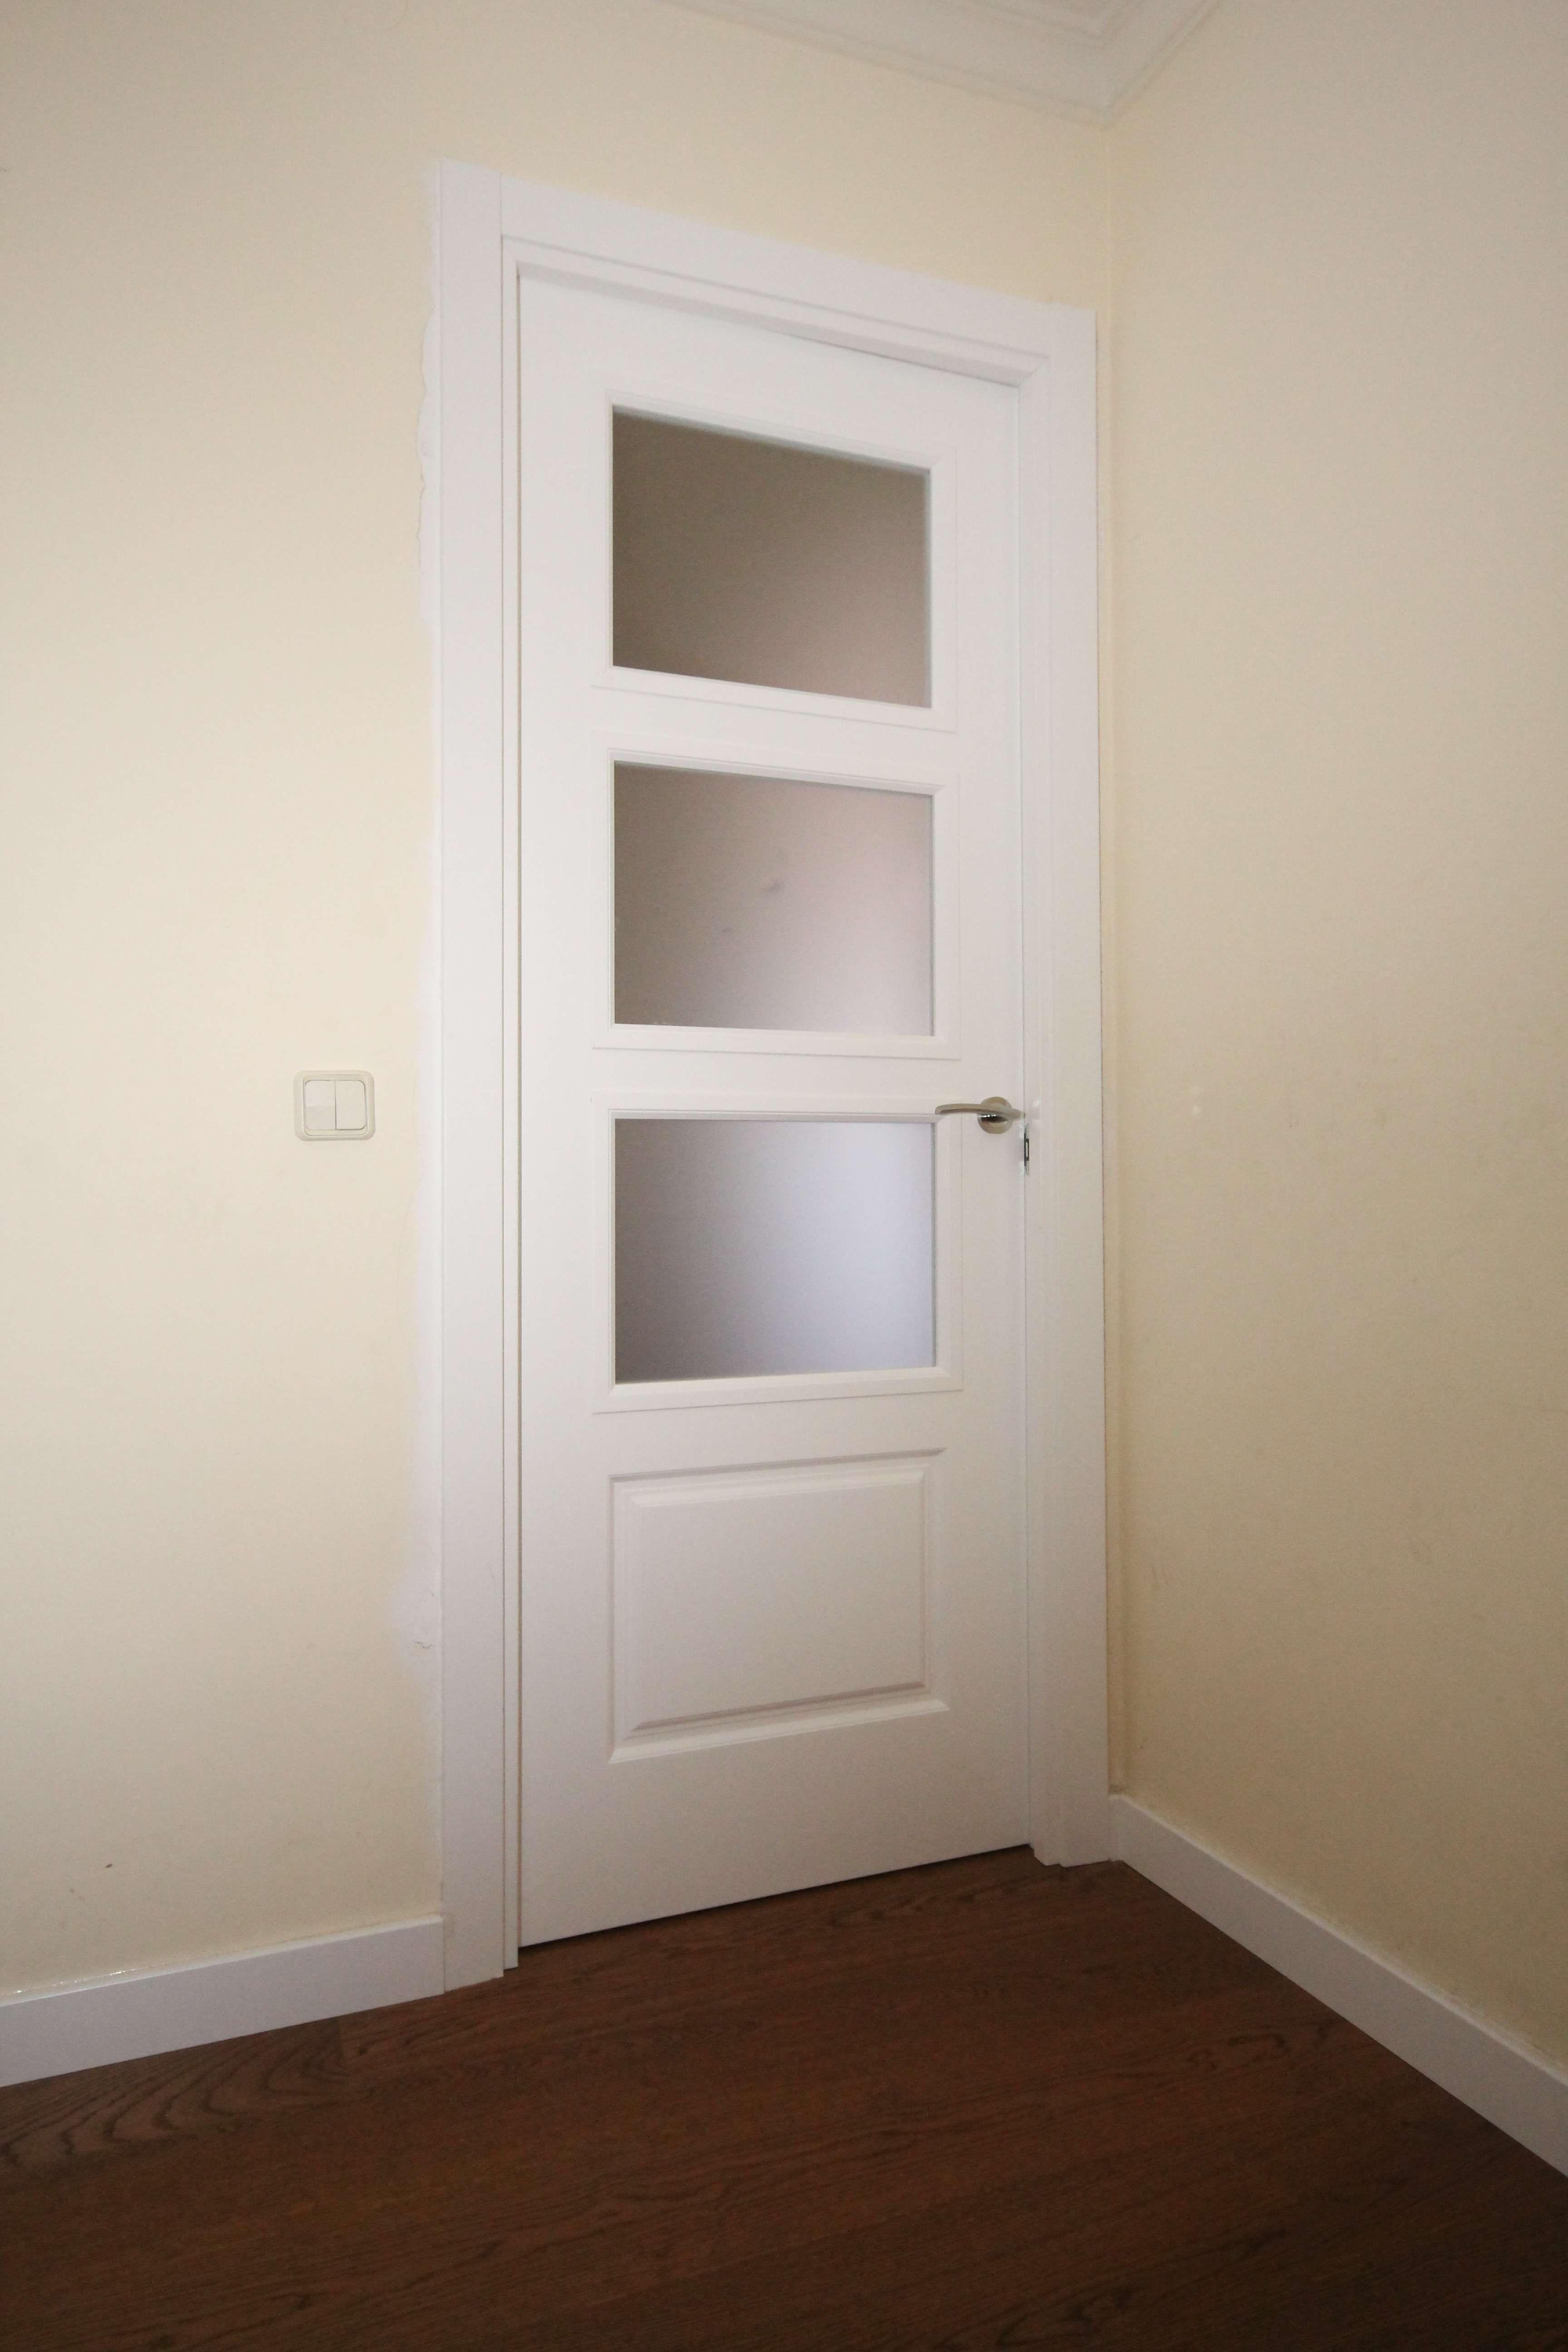 Las puertas lacadas en blanco son ltima tendencia y - Puertas lacadas en blanco ...